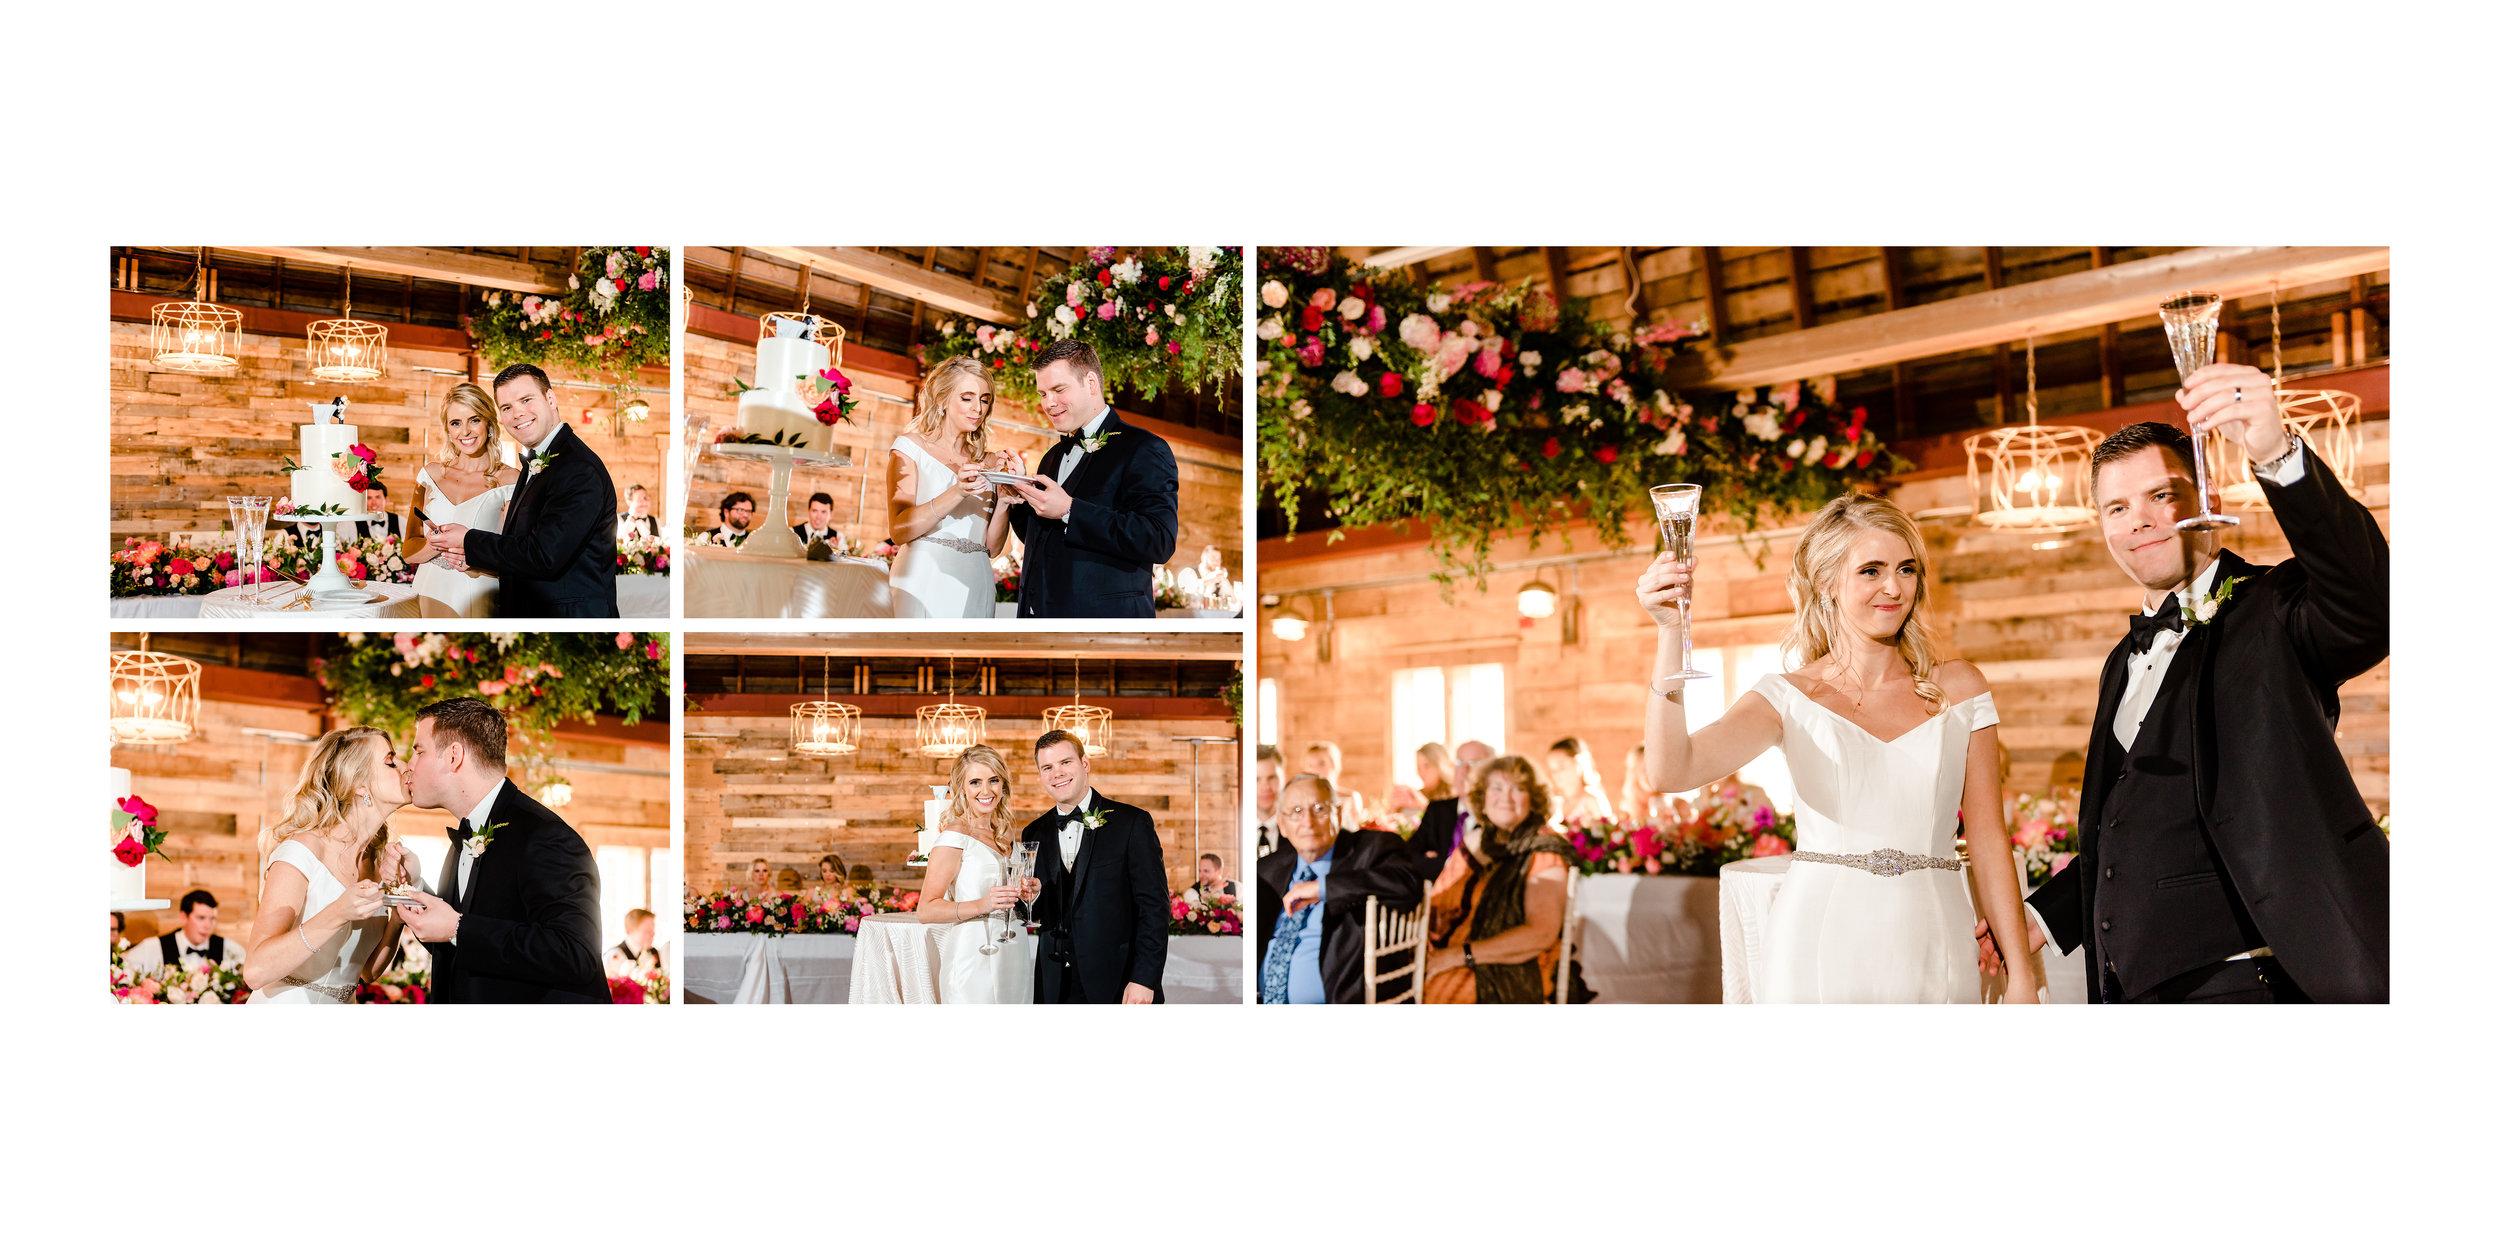 Amanda + Justin - Wedding Album_35.jpg